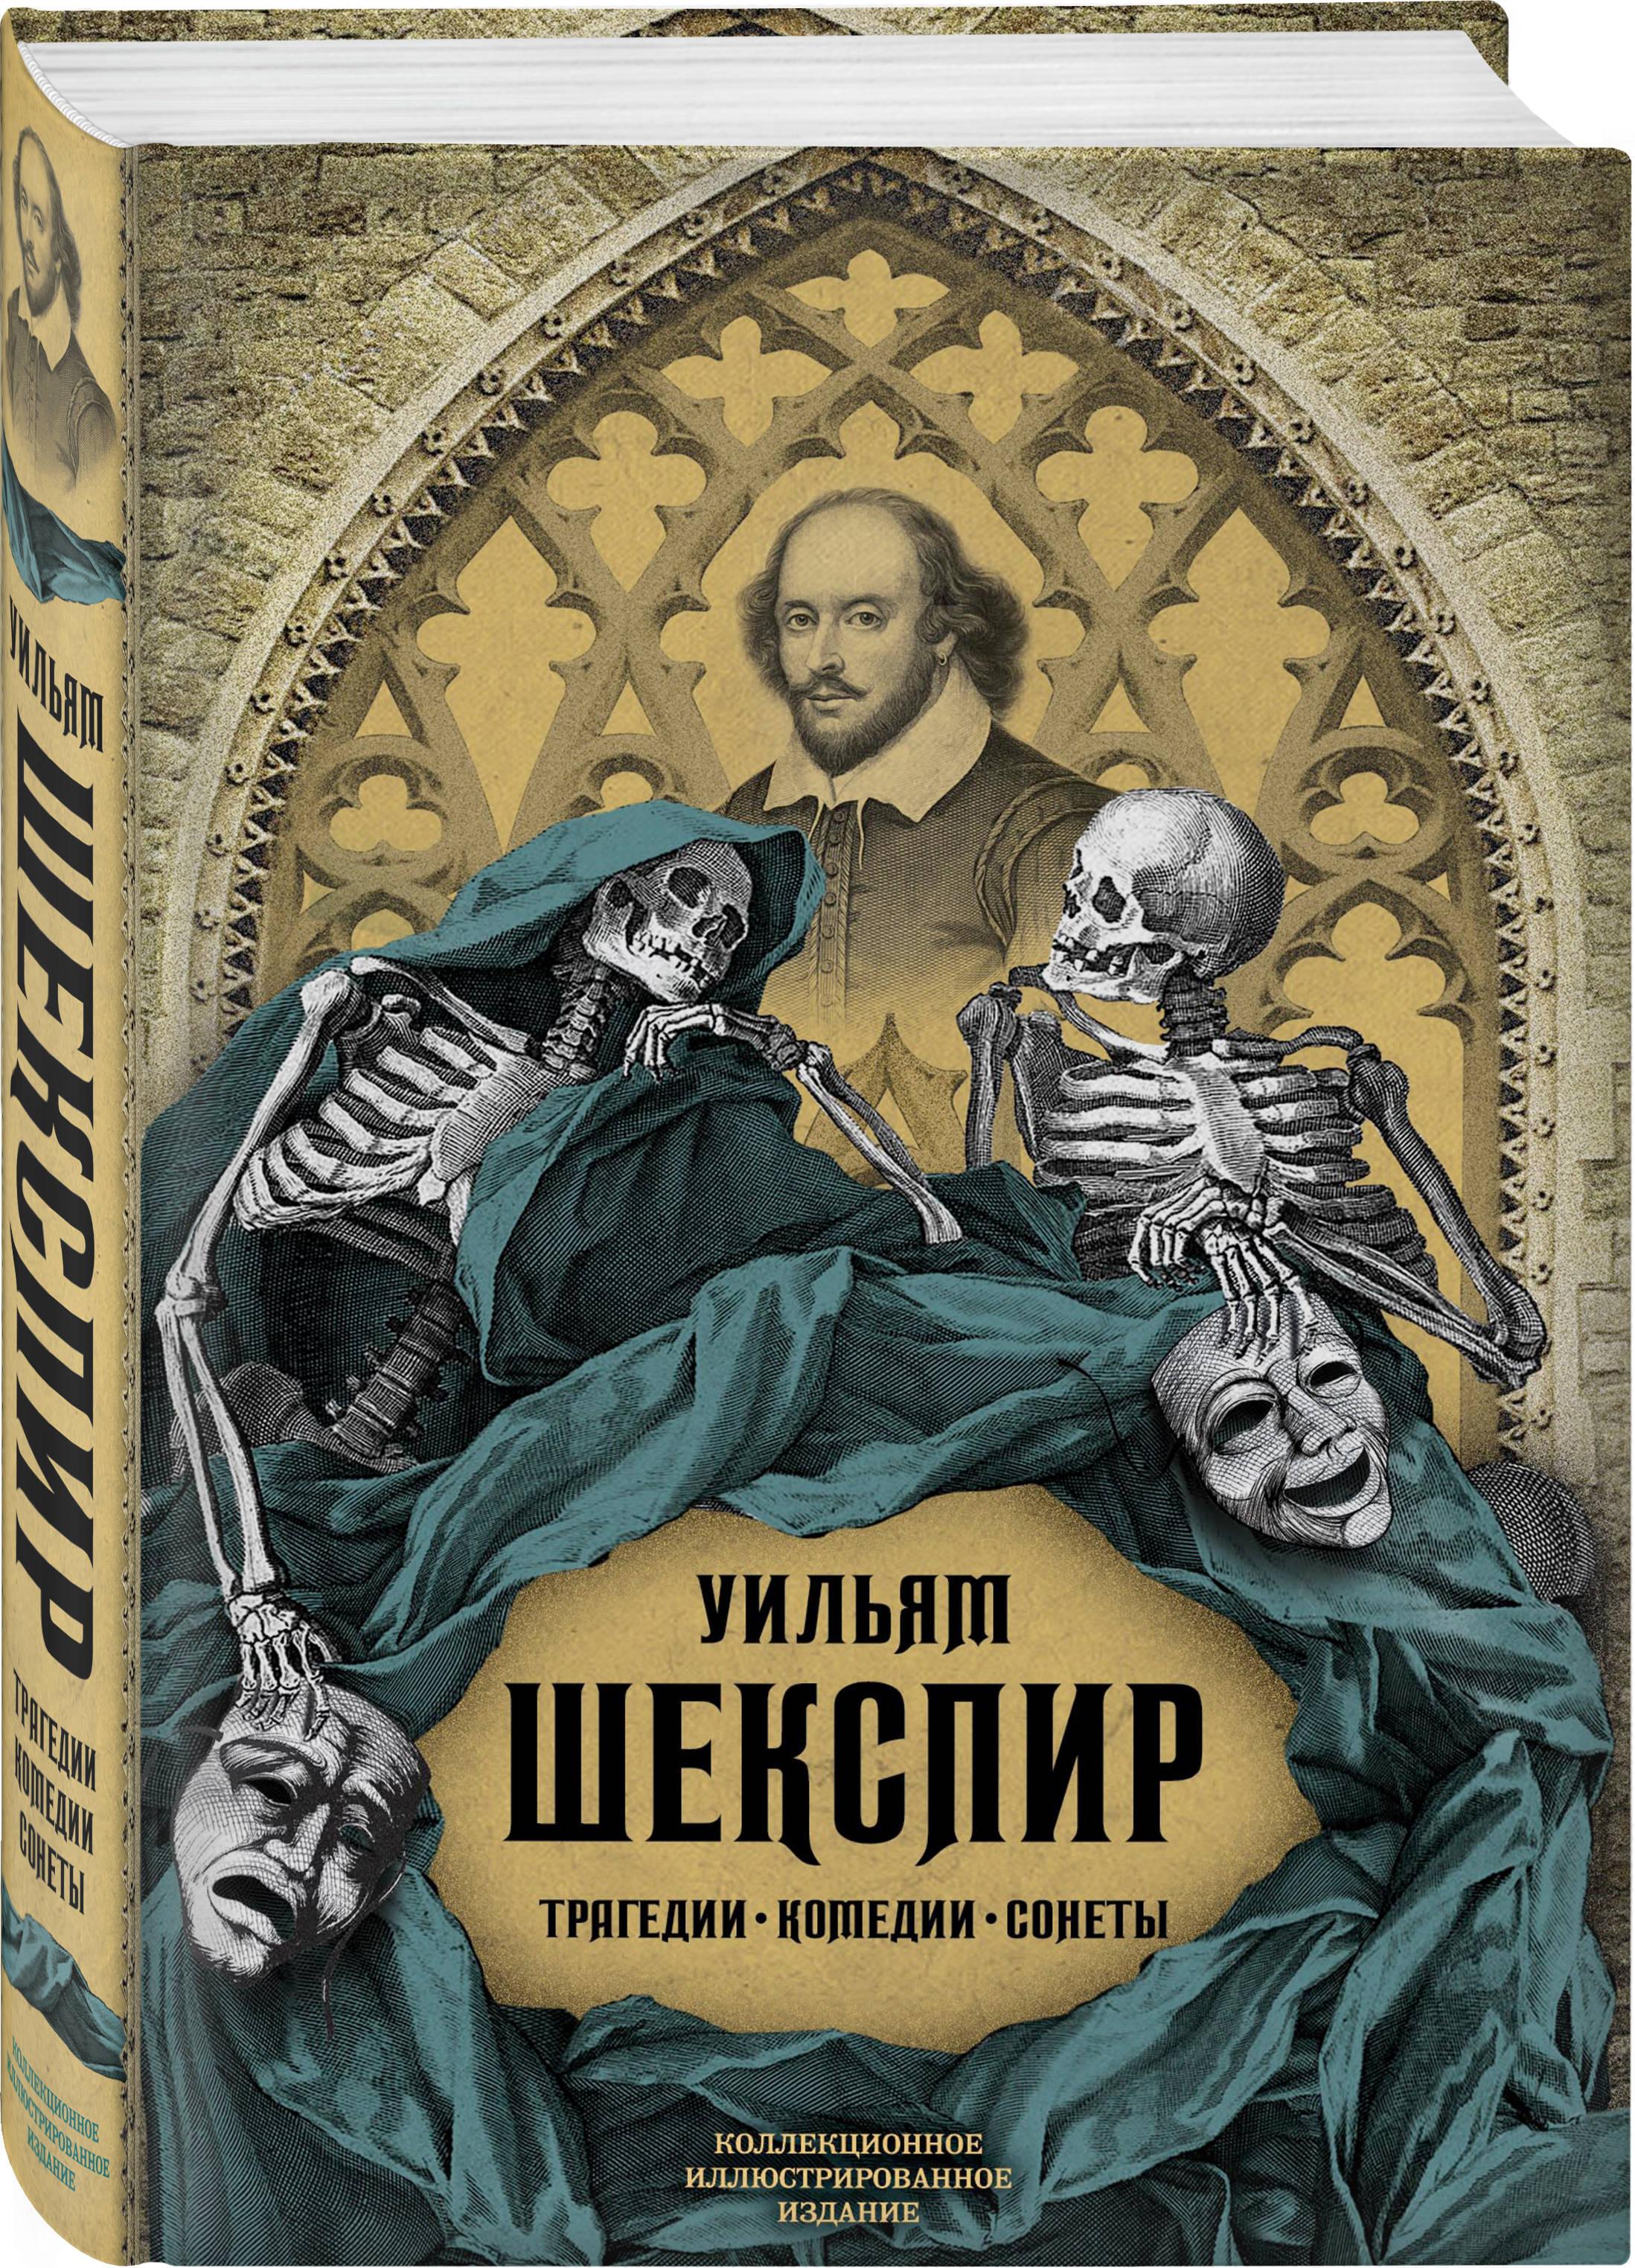 Уильям Шекспир Трагедии. Комедии. Сонеты